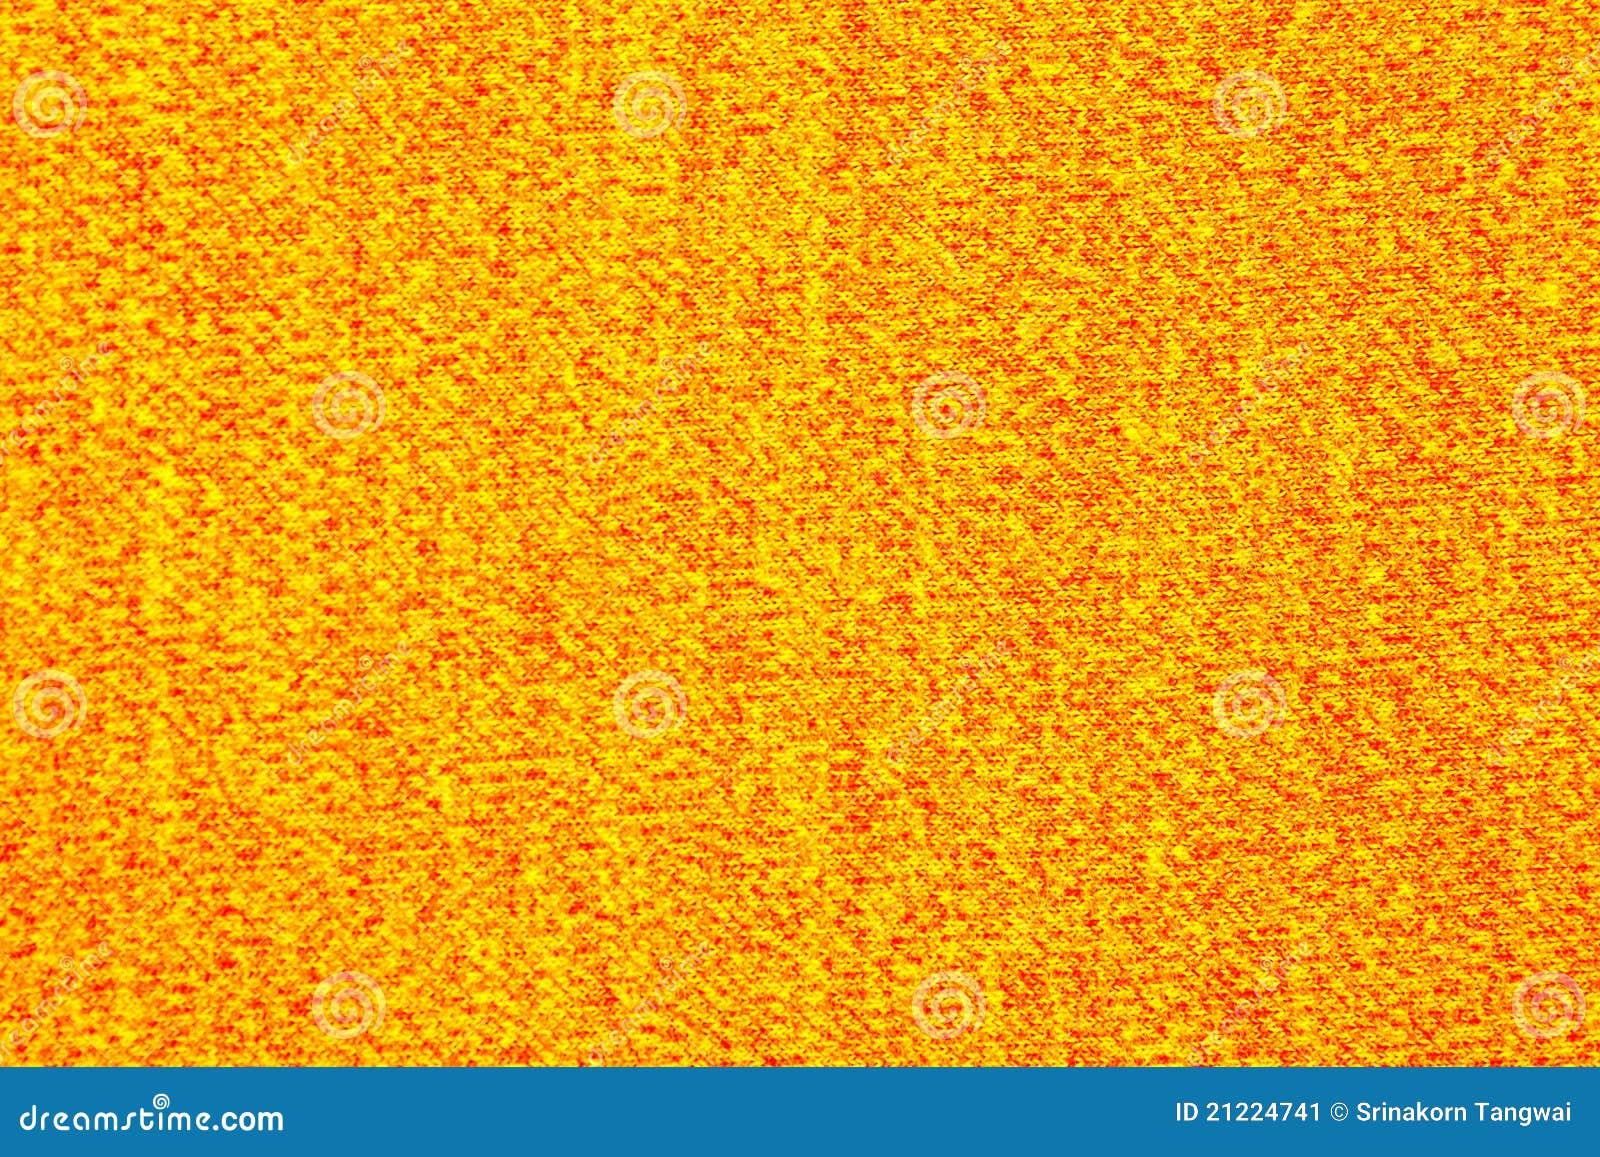 Textura Amarilla Y Roja De La Tela Imagen De Archivo